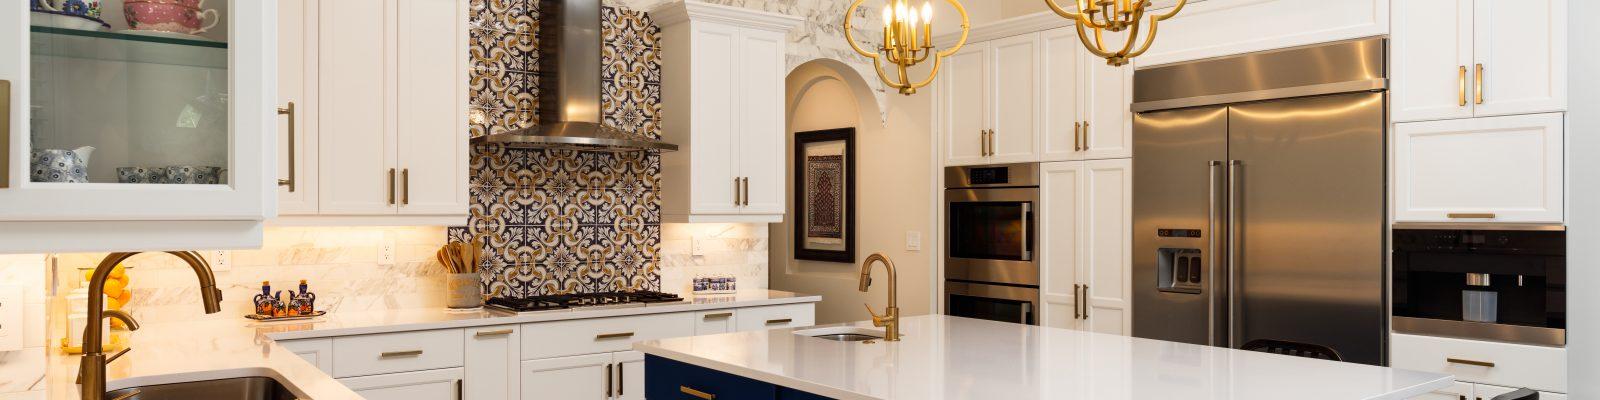 alec harper realtor kitchen victoria bc